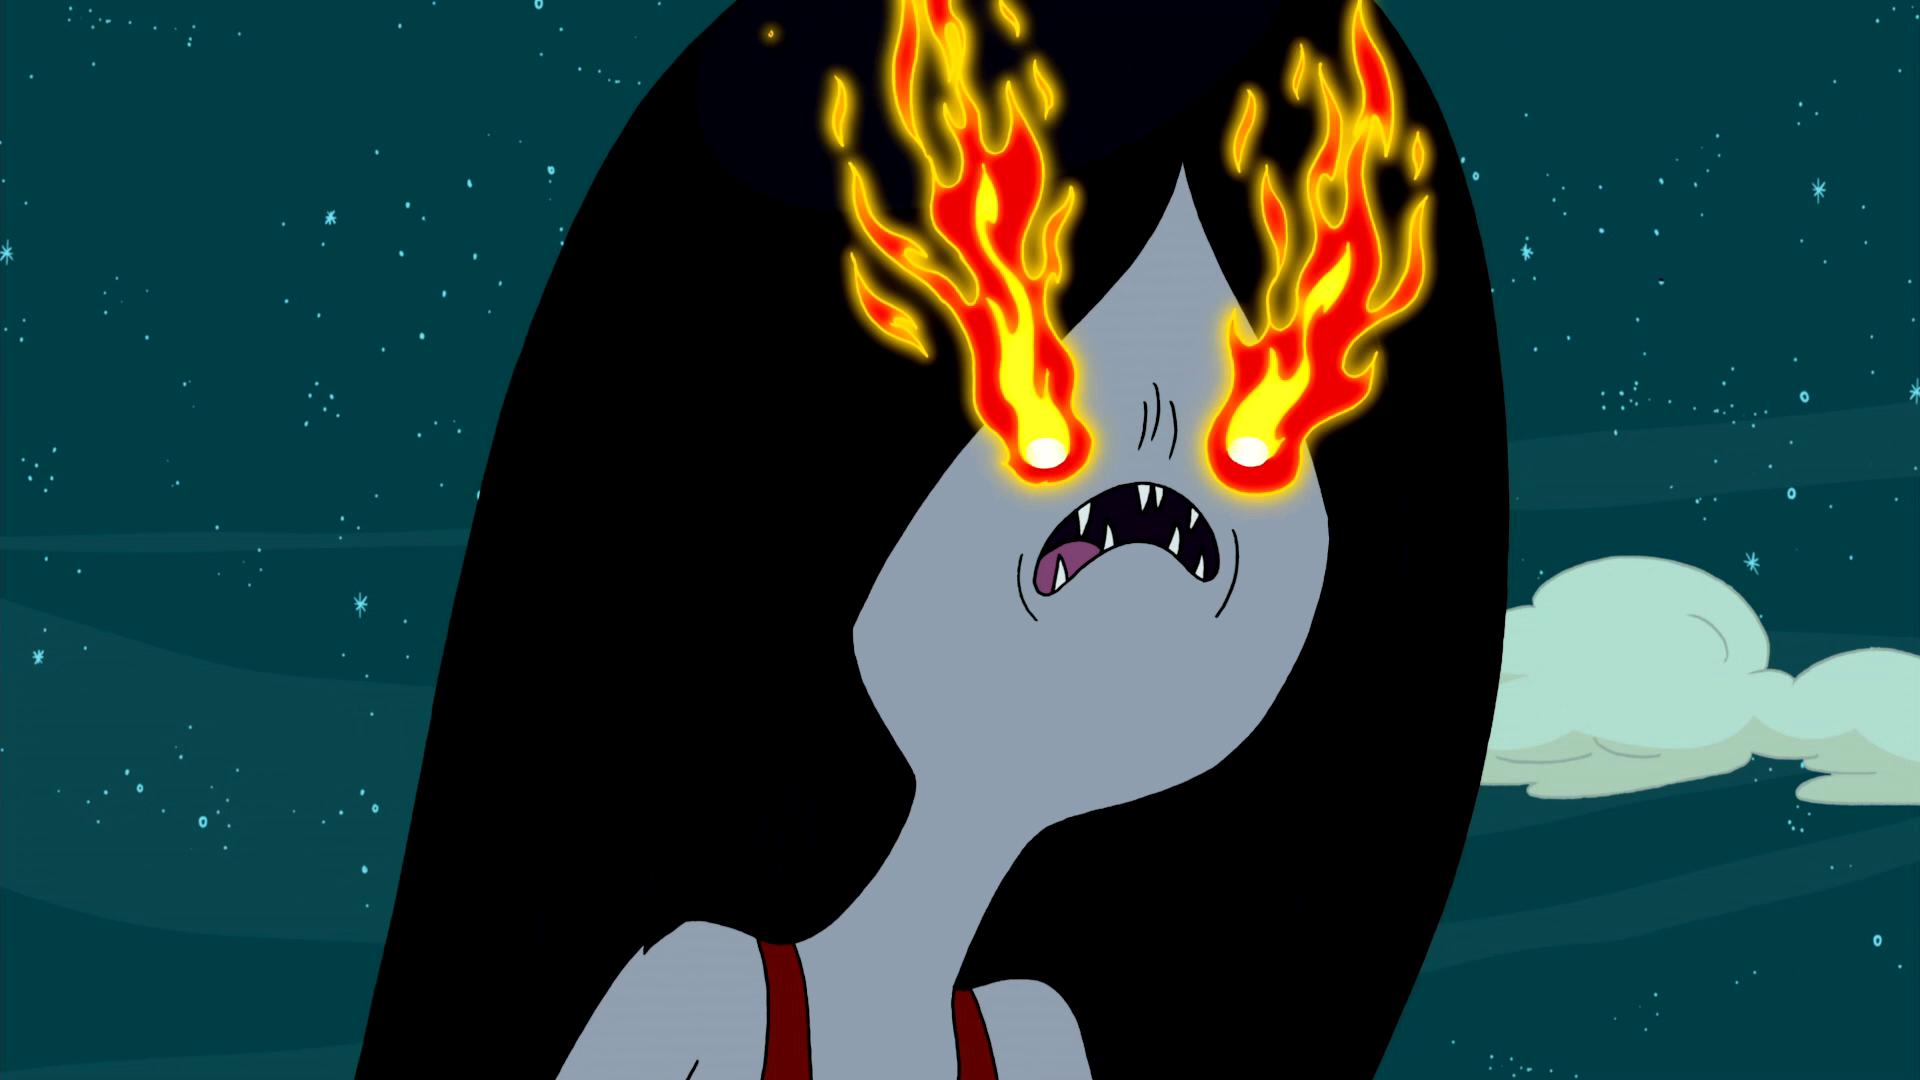 S2e26 Marceline's fire eyes